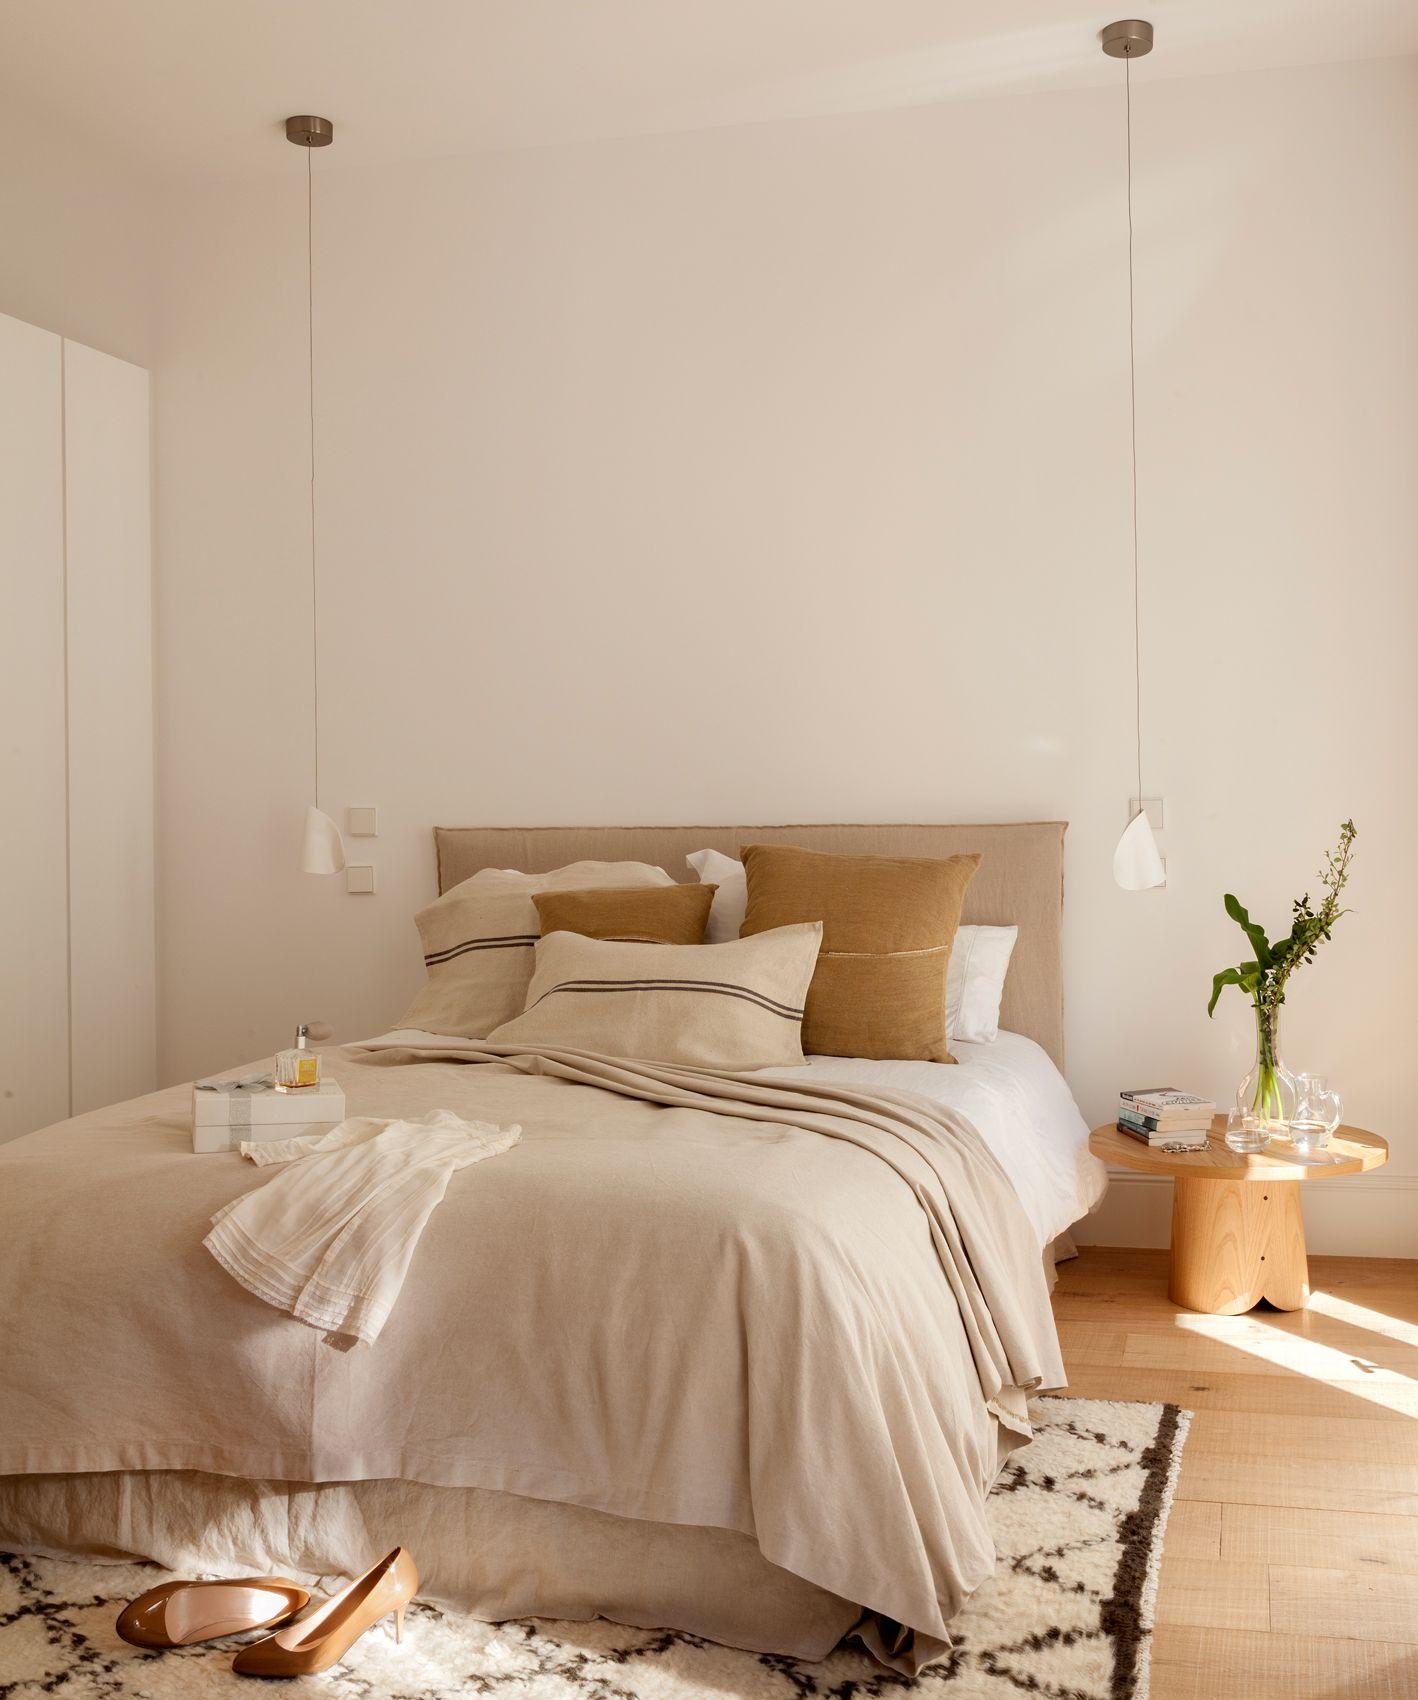 La vena country dormitorio lamparas dormitorio - Lamparas para mesitas de noche ...